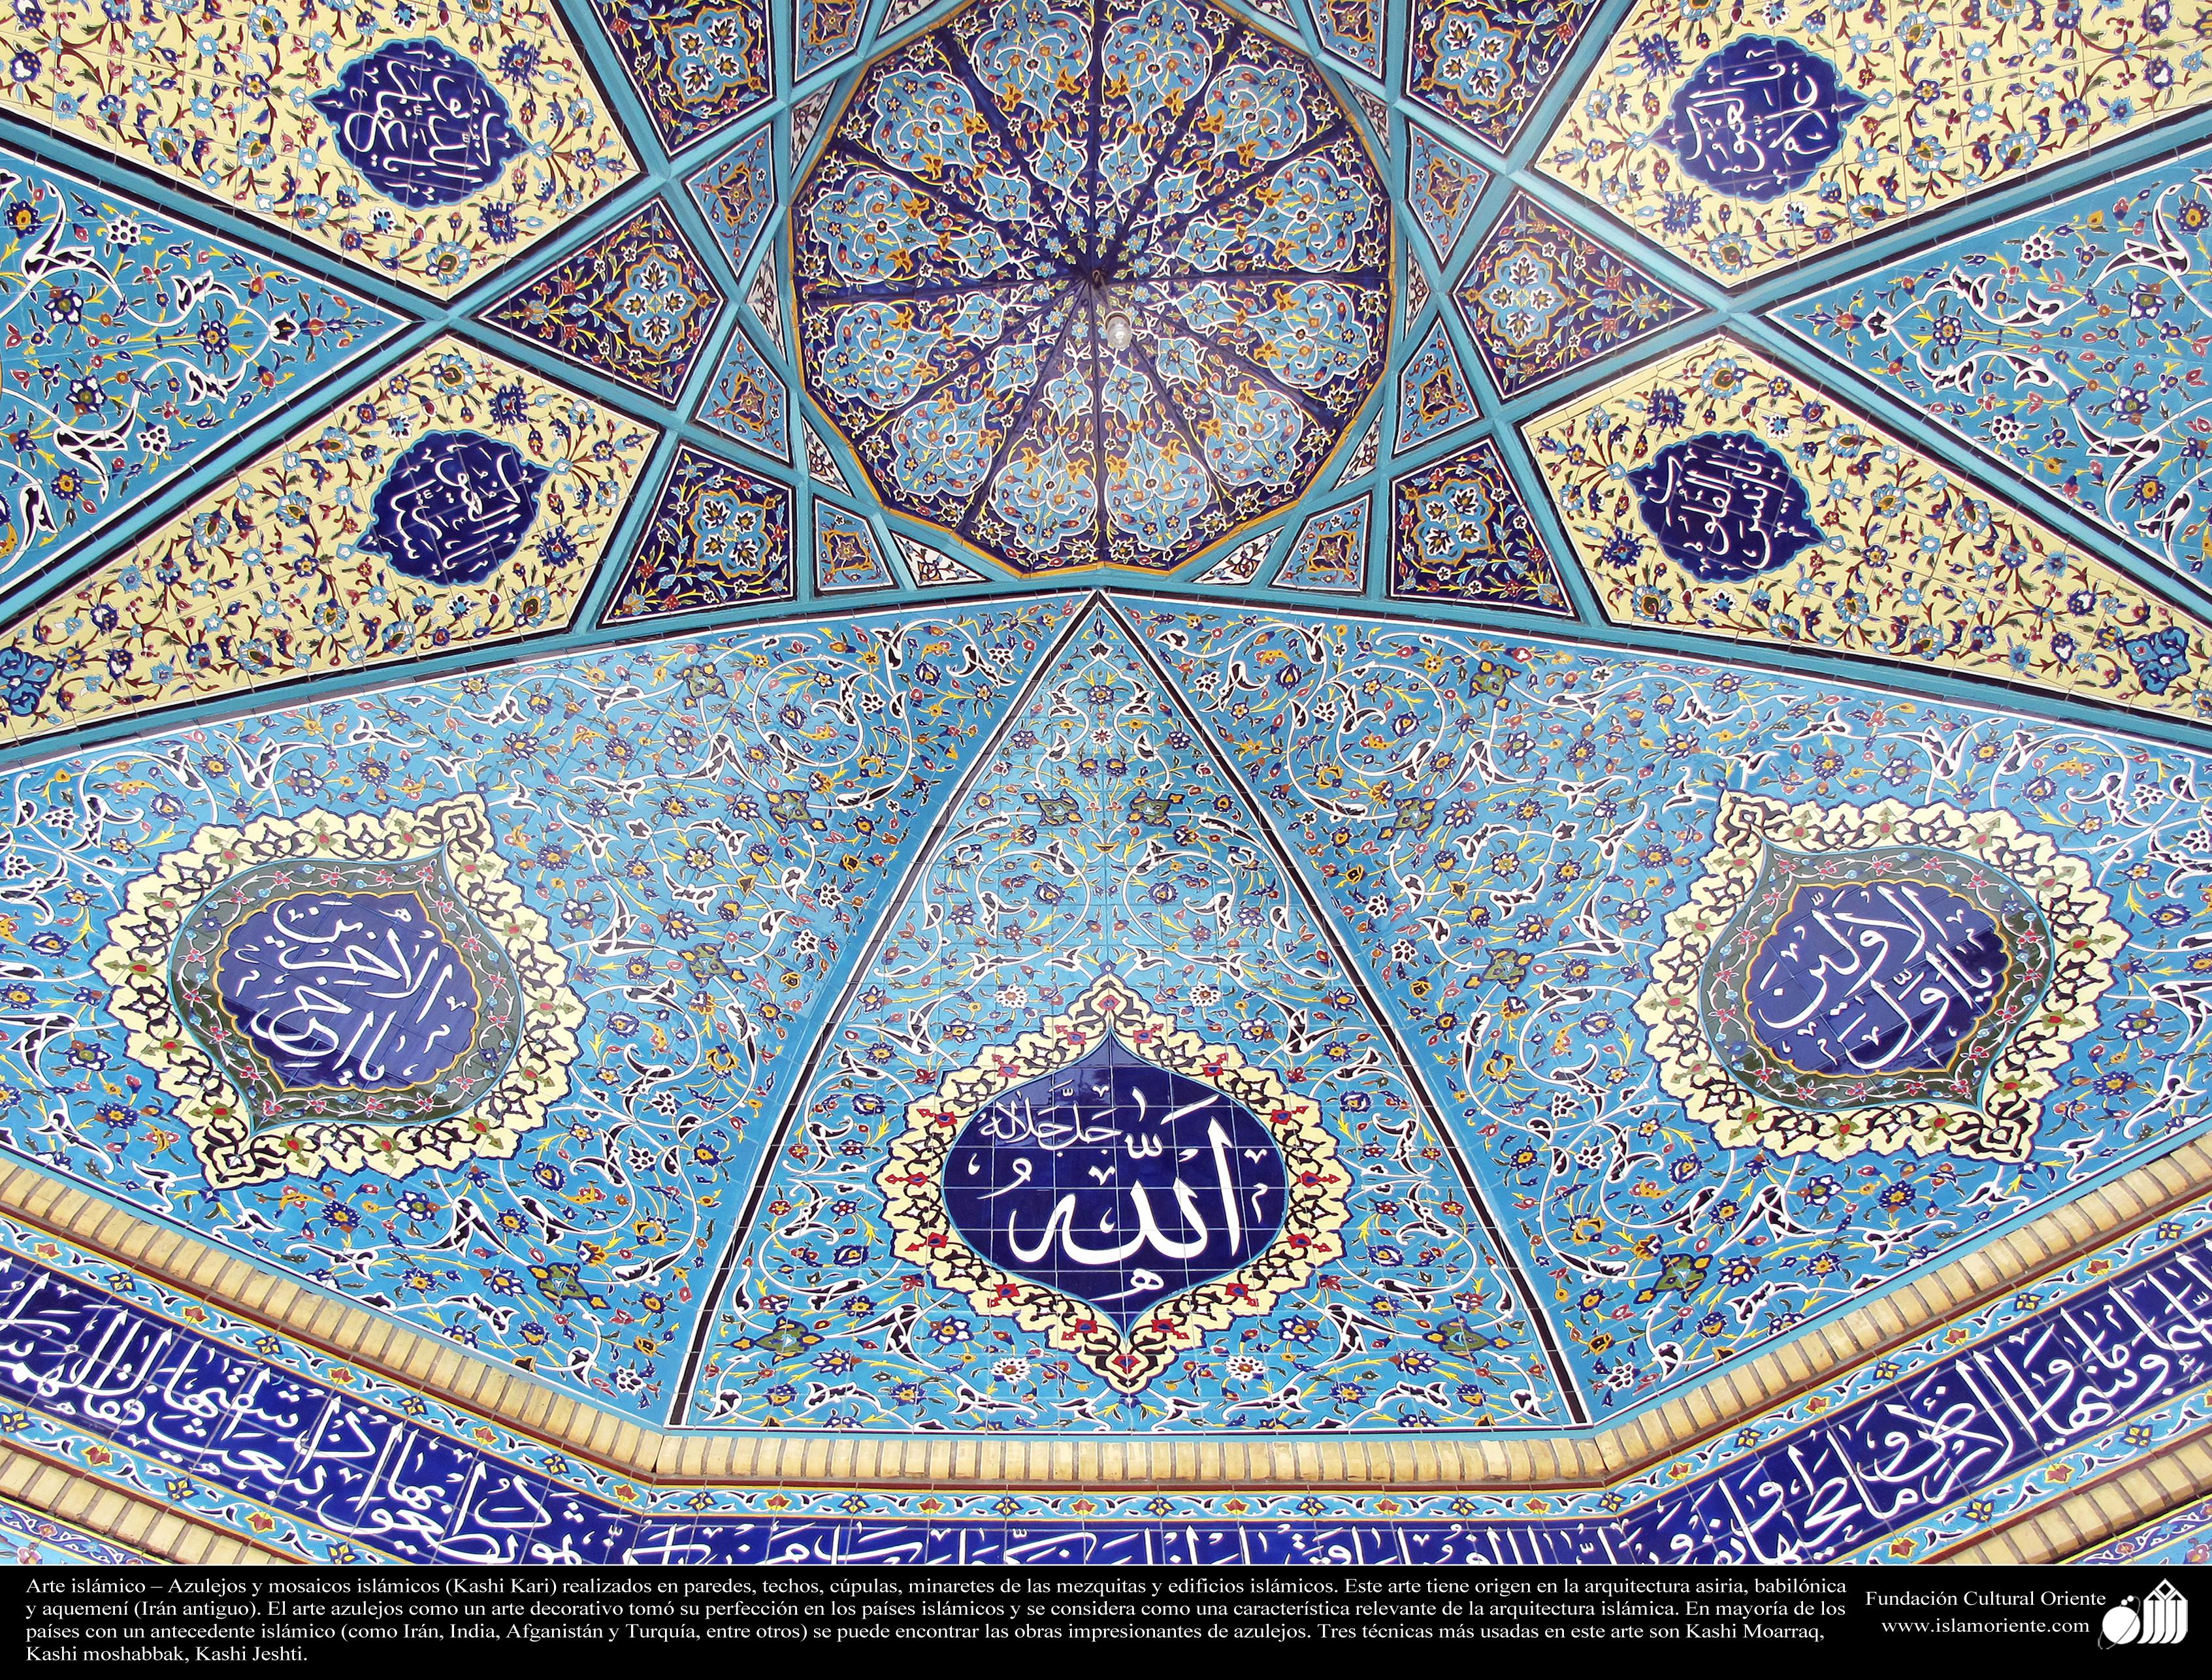 Arte Isl Mico Azulejos Y Mosaicos Isl Micos Kashi Kari 81  ~ Mosaicos De Azulejos En Paredes